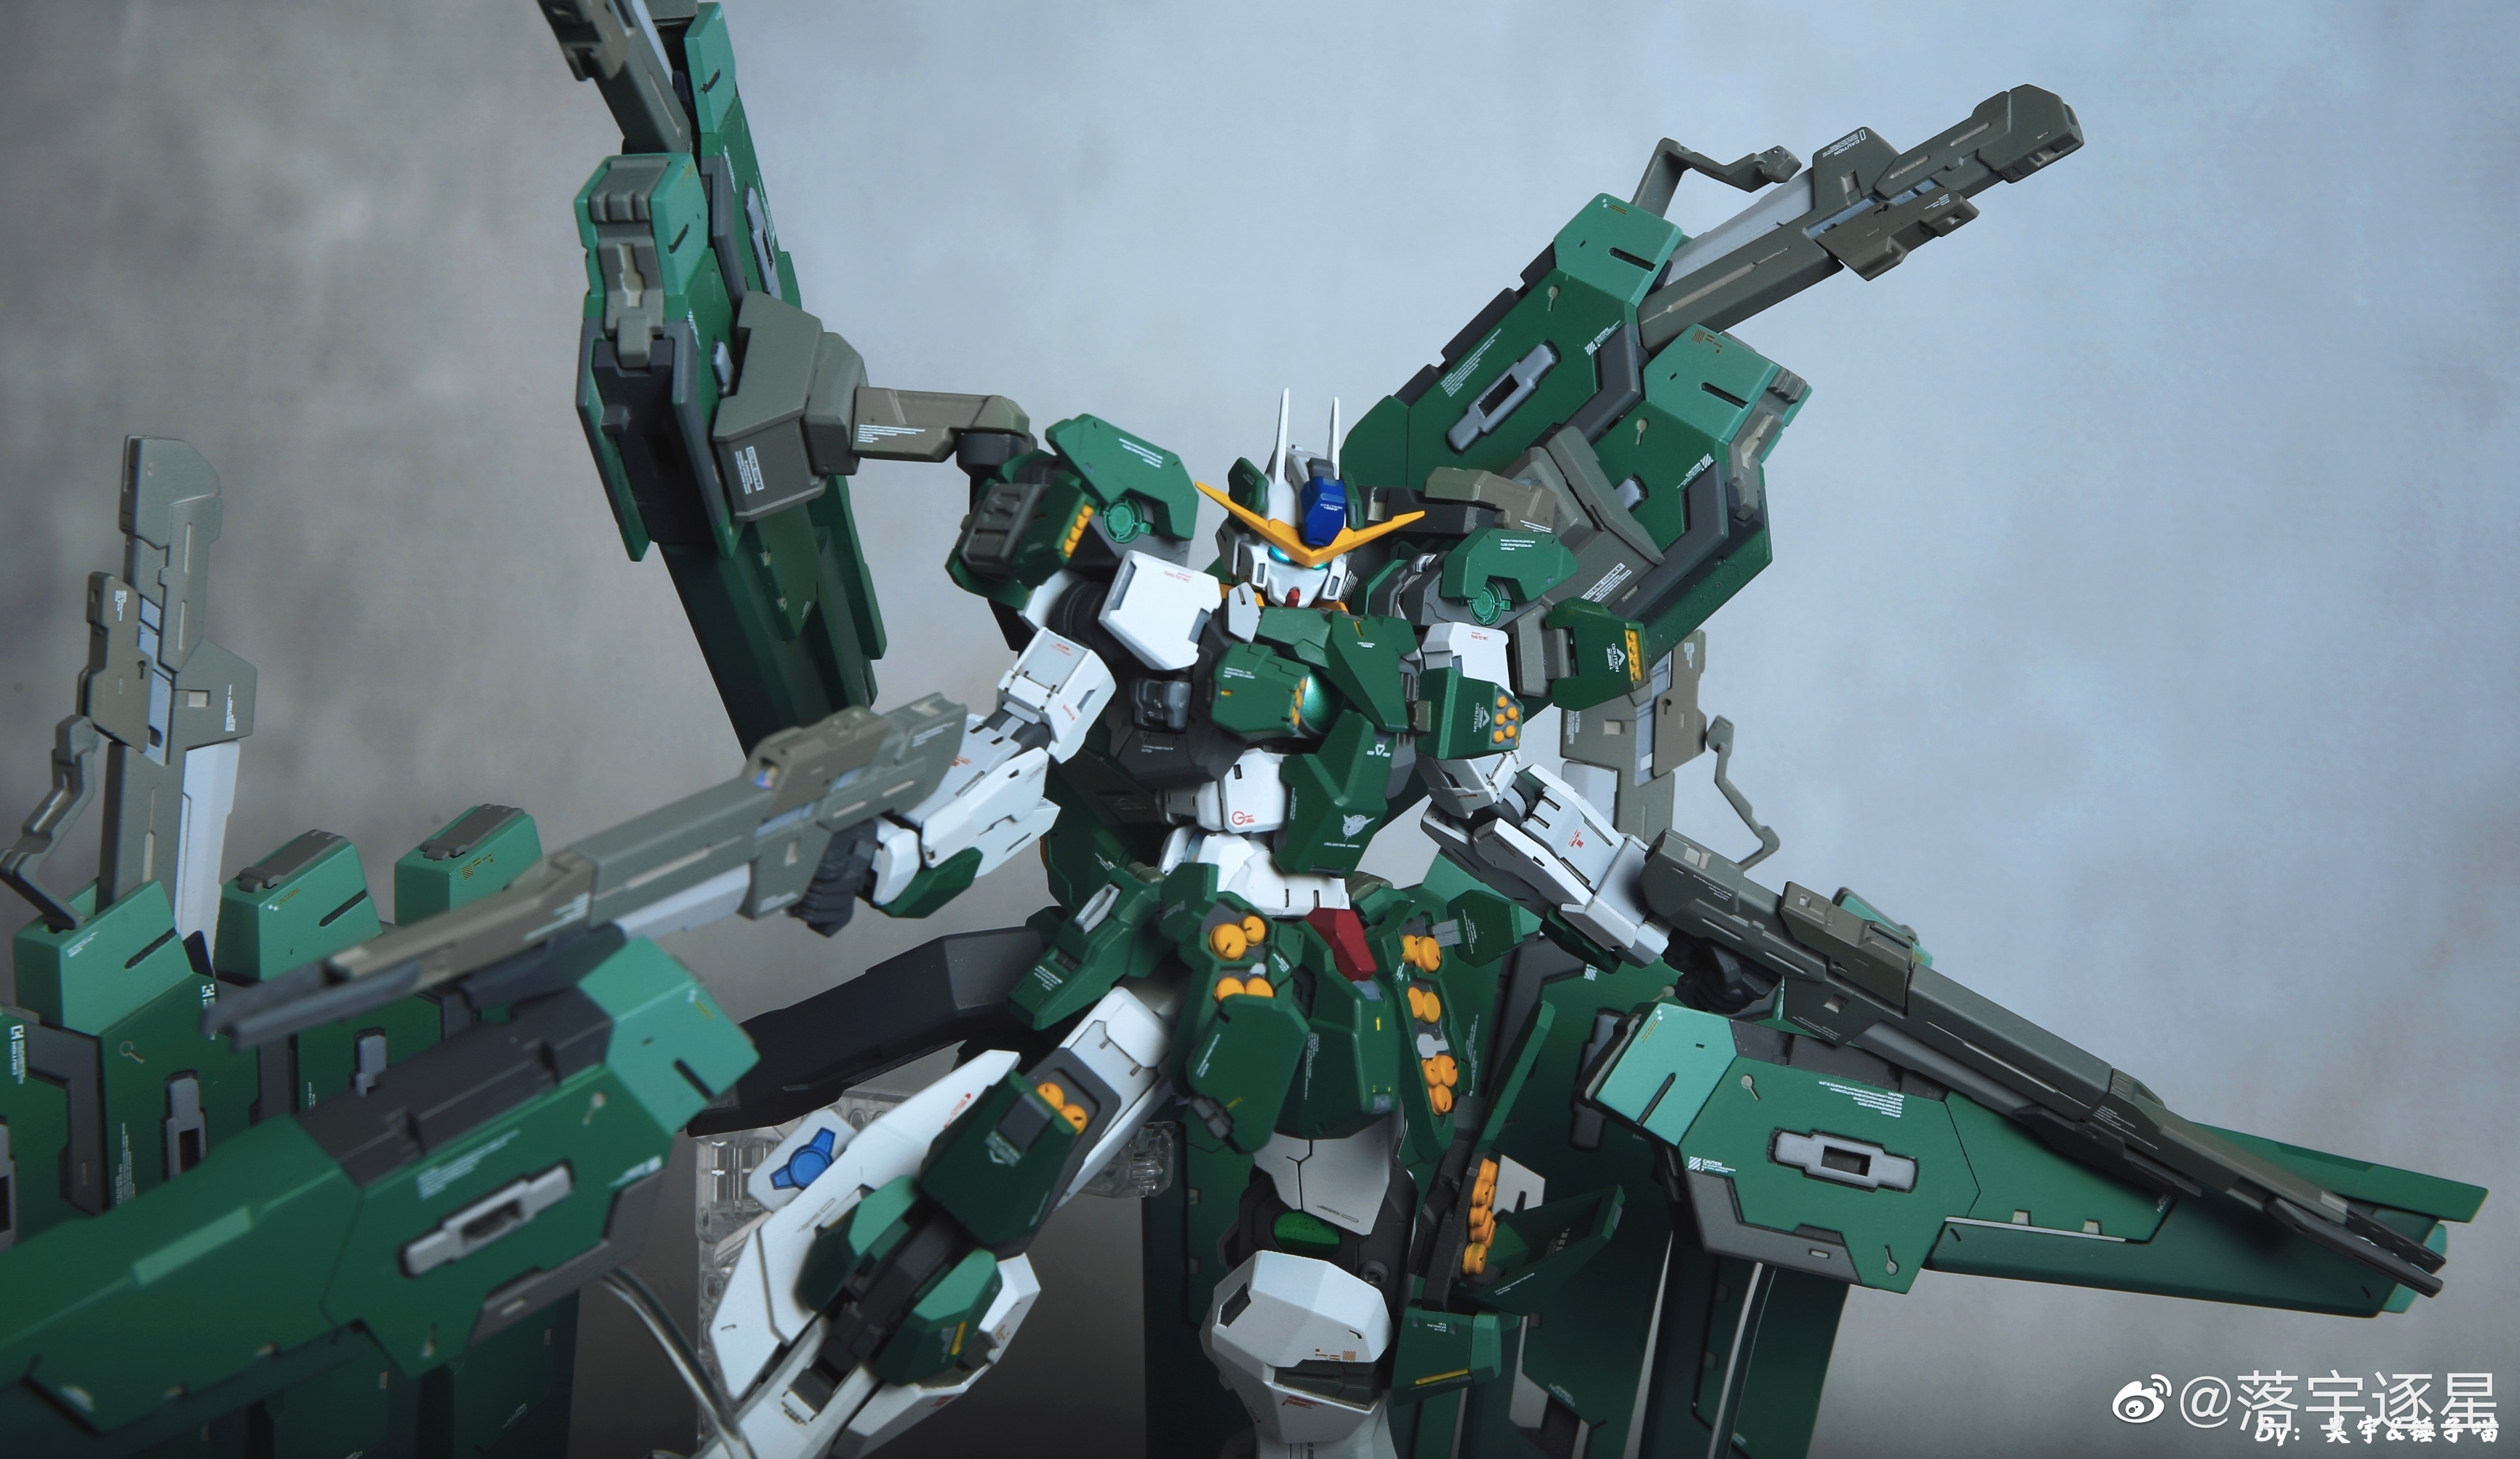 G652_3_GN_010_OO_Gundam_Zabanya_002.jpg